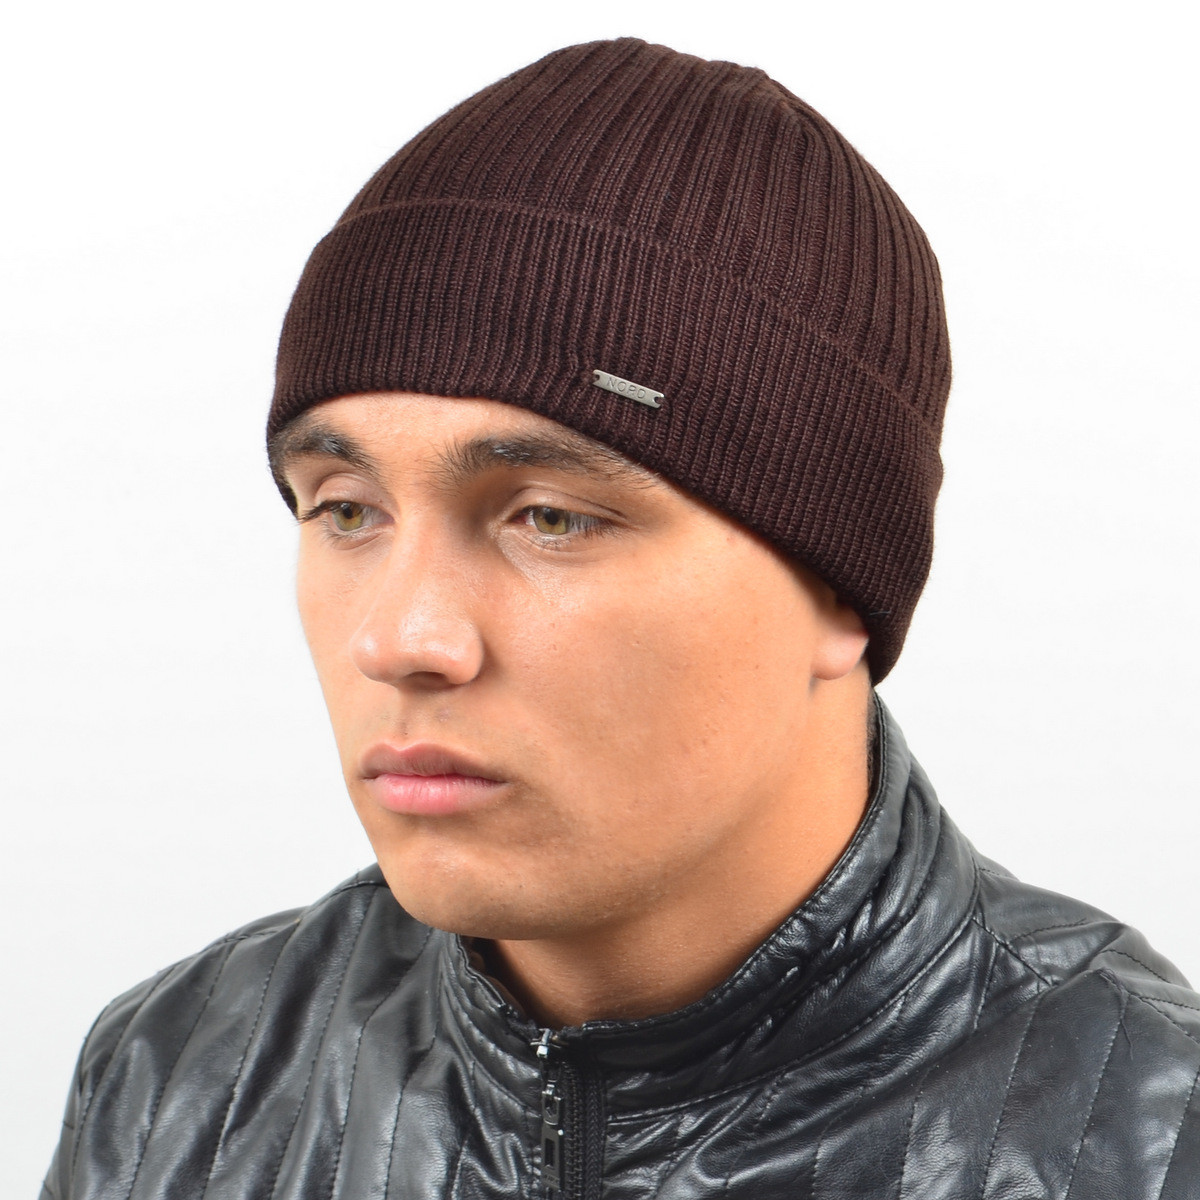 Мужская вязанная шапка NORD с отворотом коричневый